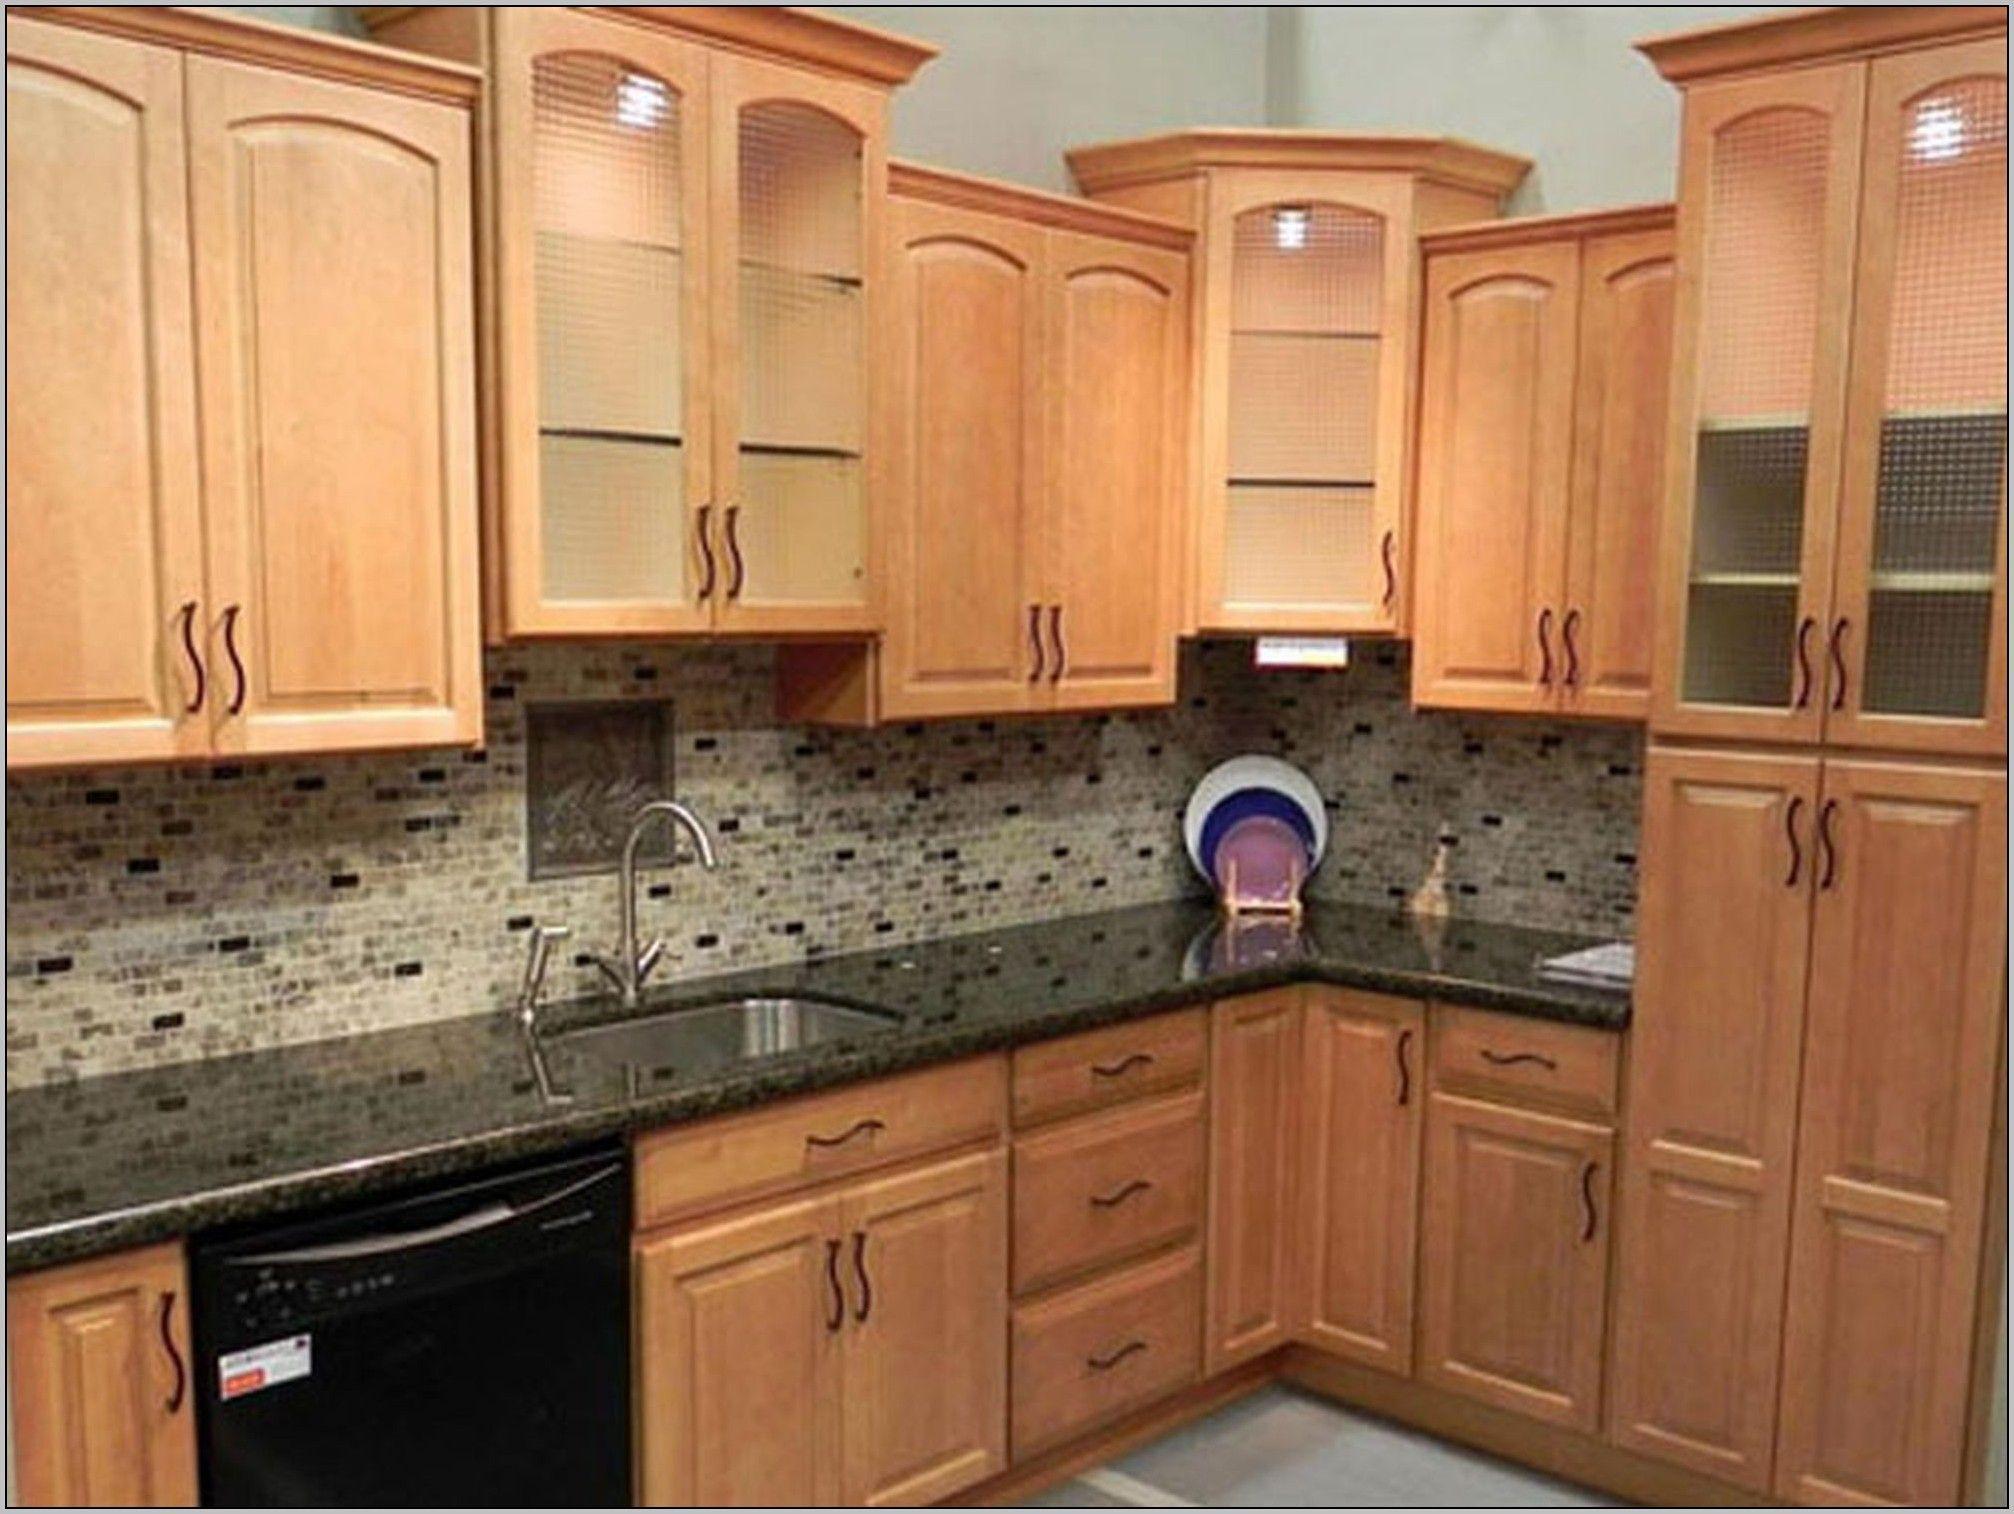 best backsplash for maple cabinets - Google Search | Maple ... on Backsplash For Maple Cabinets  id=45162